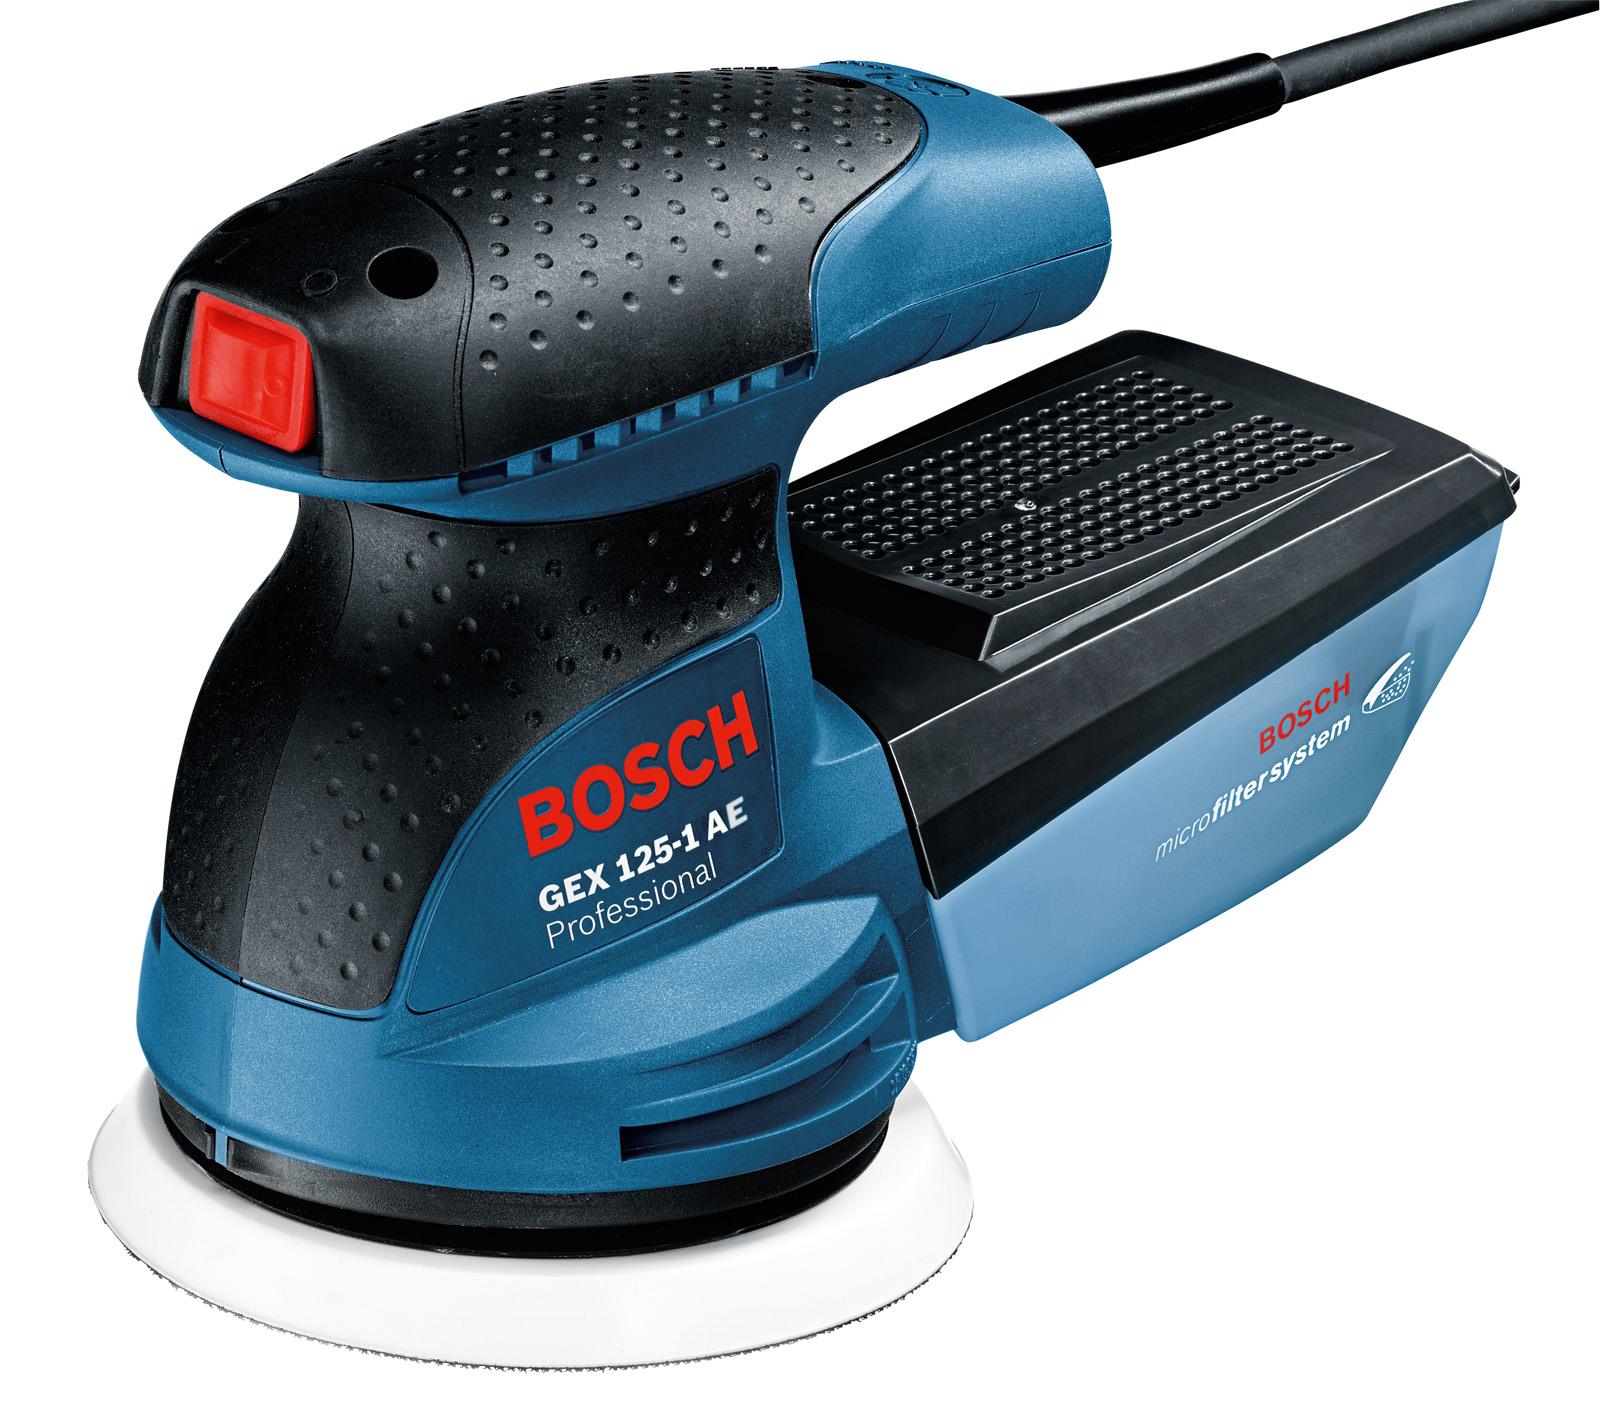 Машинка шлифовальная орбитальная (эксцентриковая) Bosch Gex 125-1 ae - это выгодное приобретение. Ведь заказать товары марки Bosch - это удобно и цена не высокая.